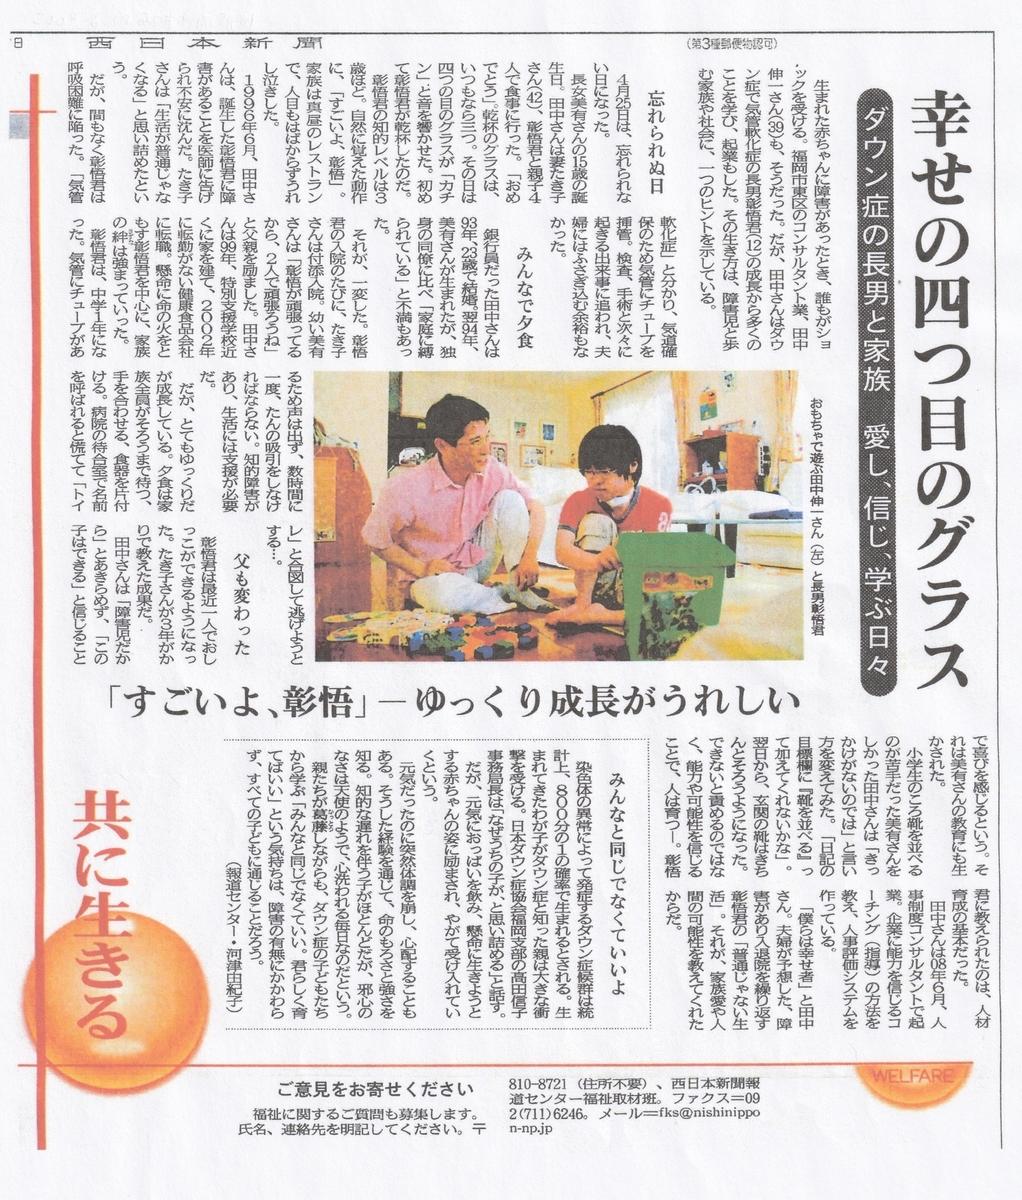 f:id:tanaka-shinichi:20191021100145j:plain